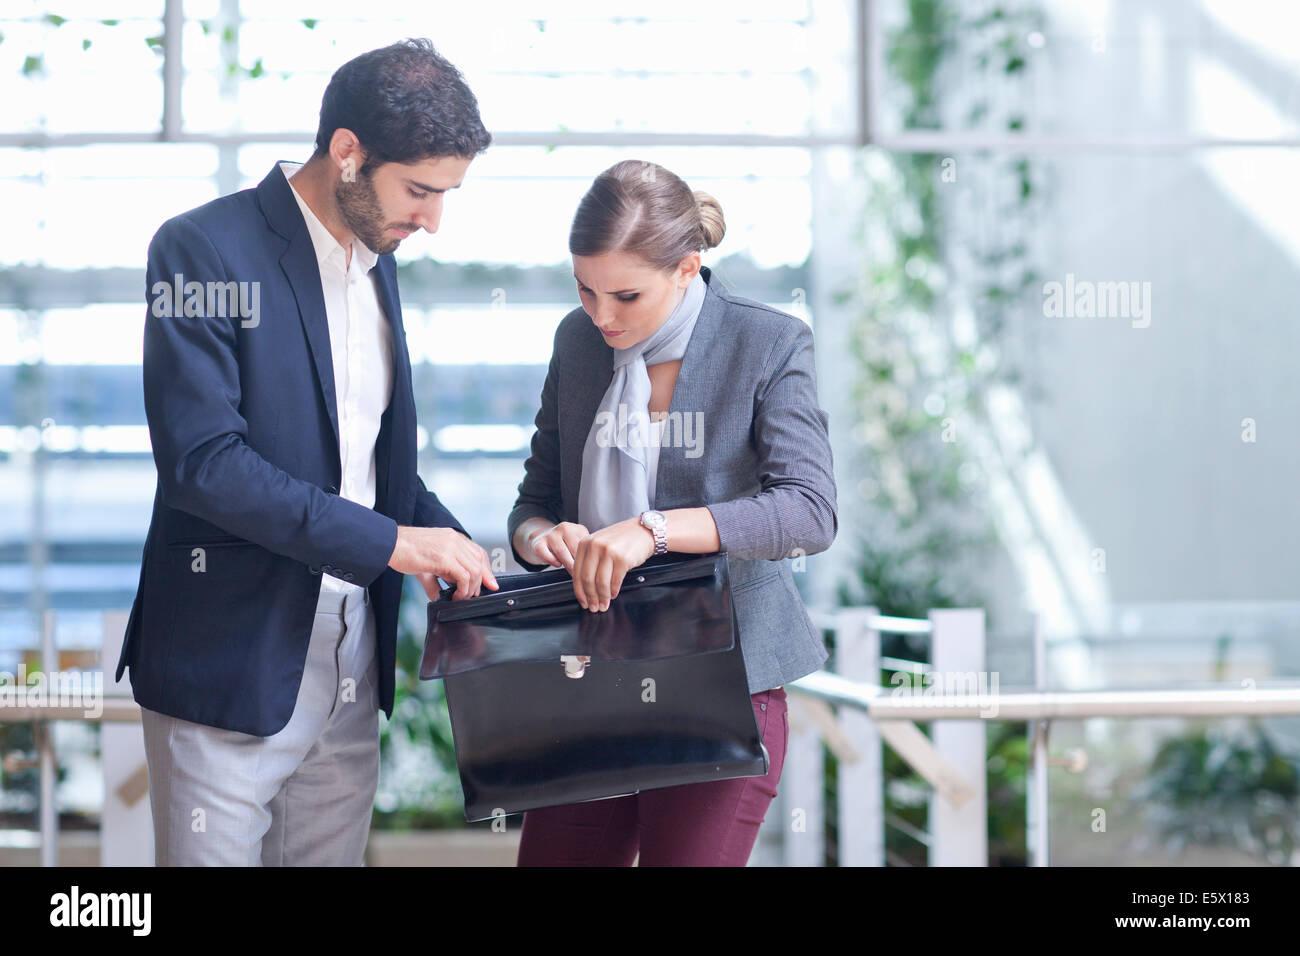 Geschäftsmann und Geschäftsfrau Eröffnung Aktentasche im Konferenz-Center atrium Stockbild